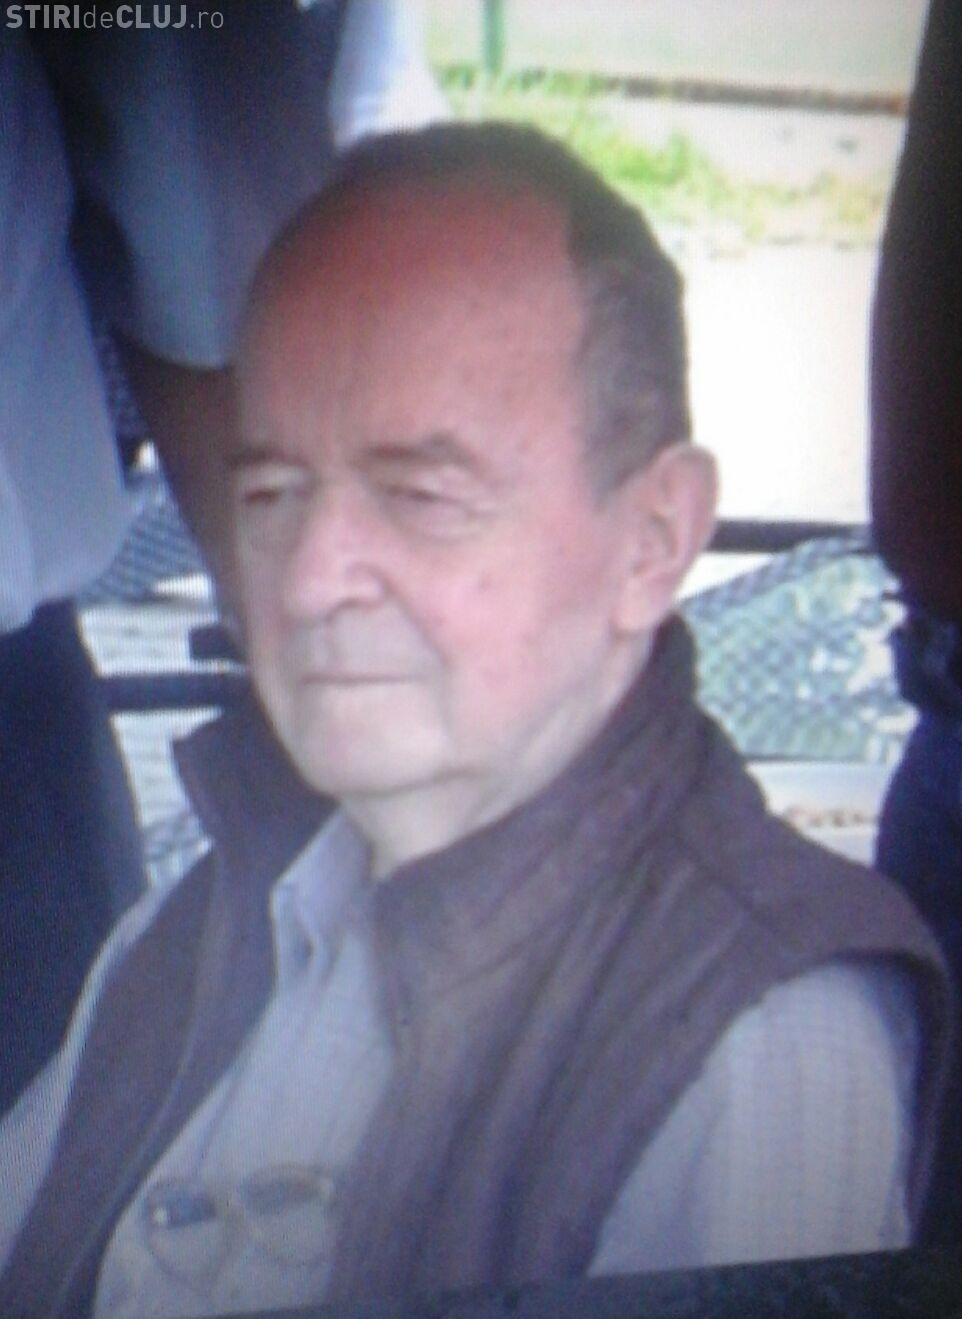 Clujean dispărut de acasă, căutat de Poliție. L-ați văzut? FOTO